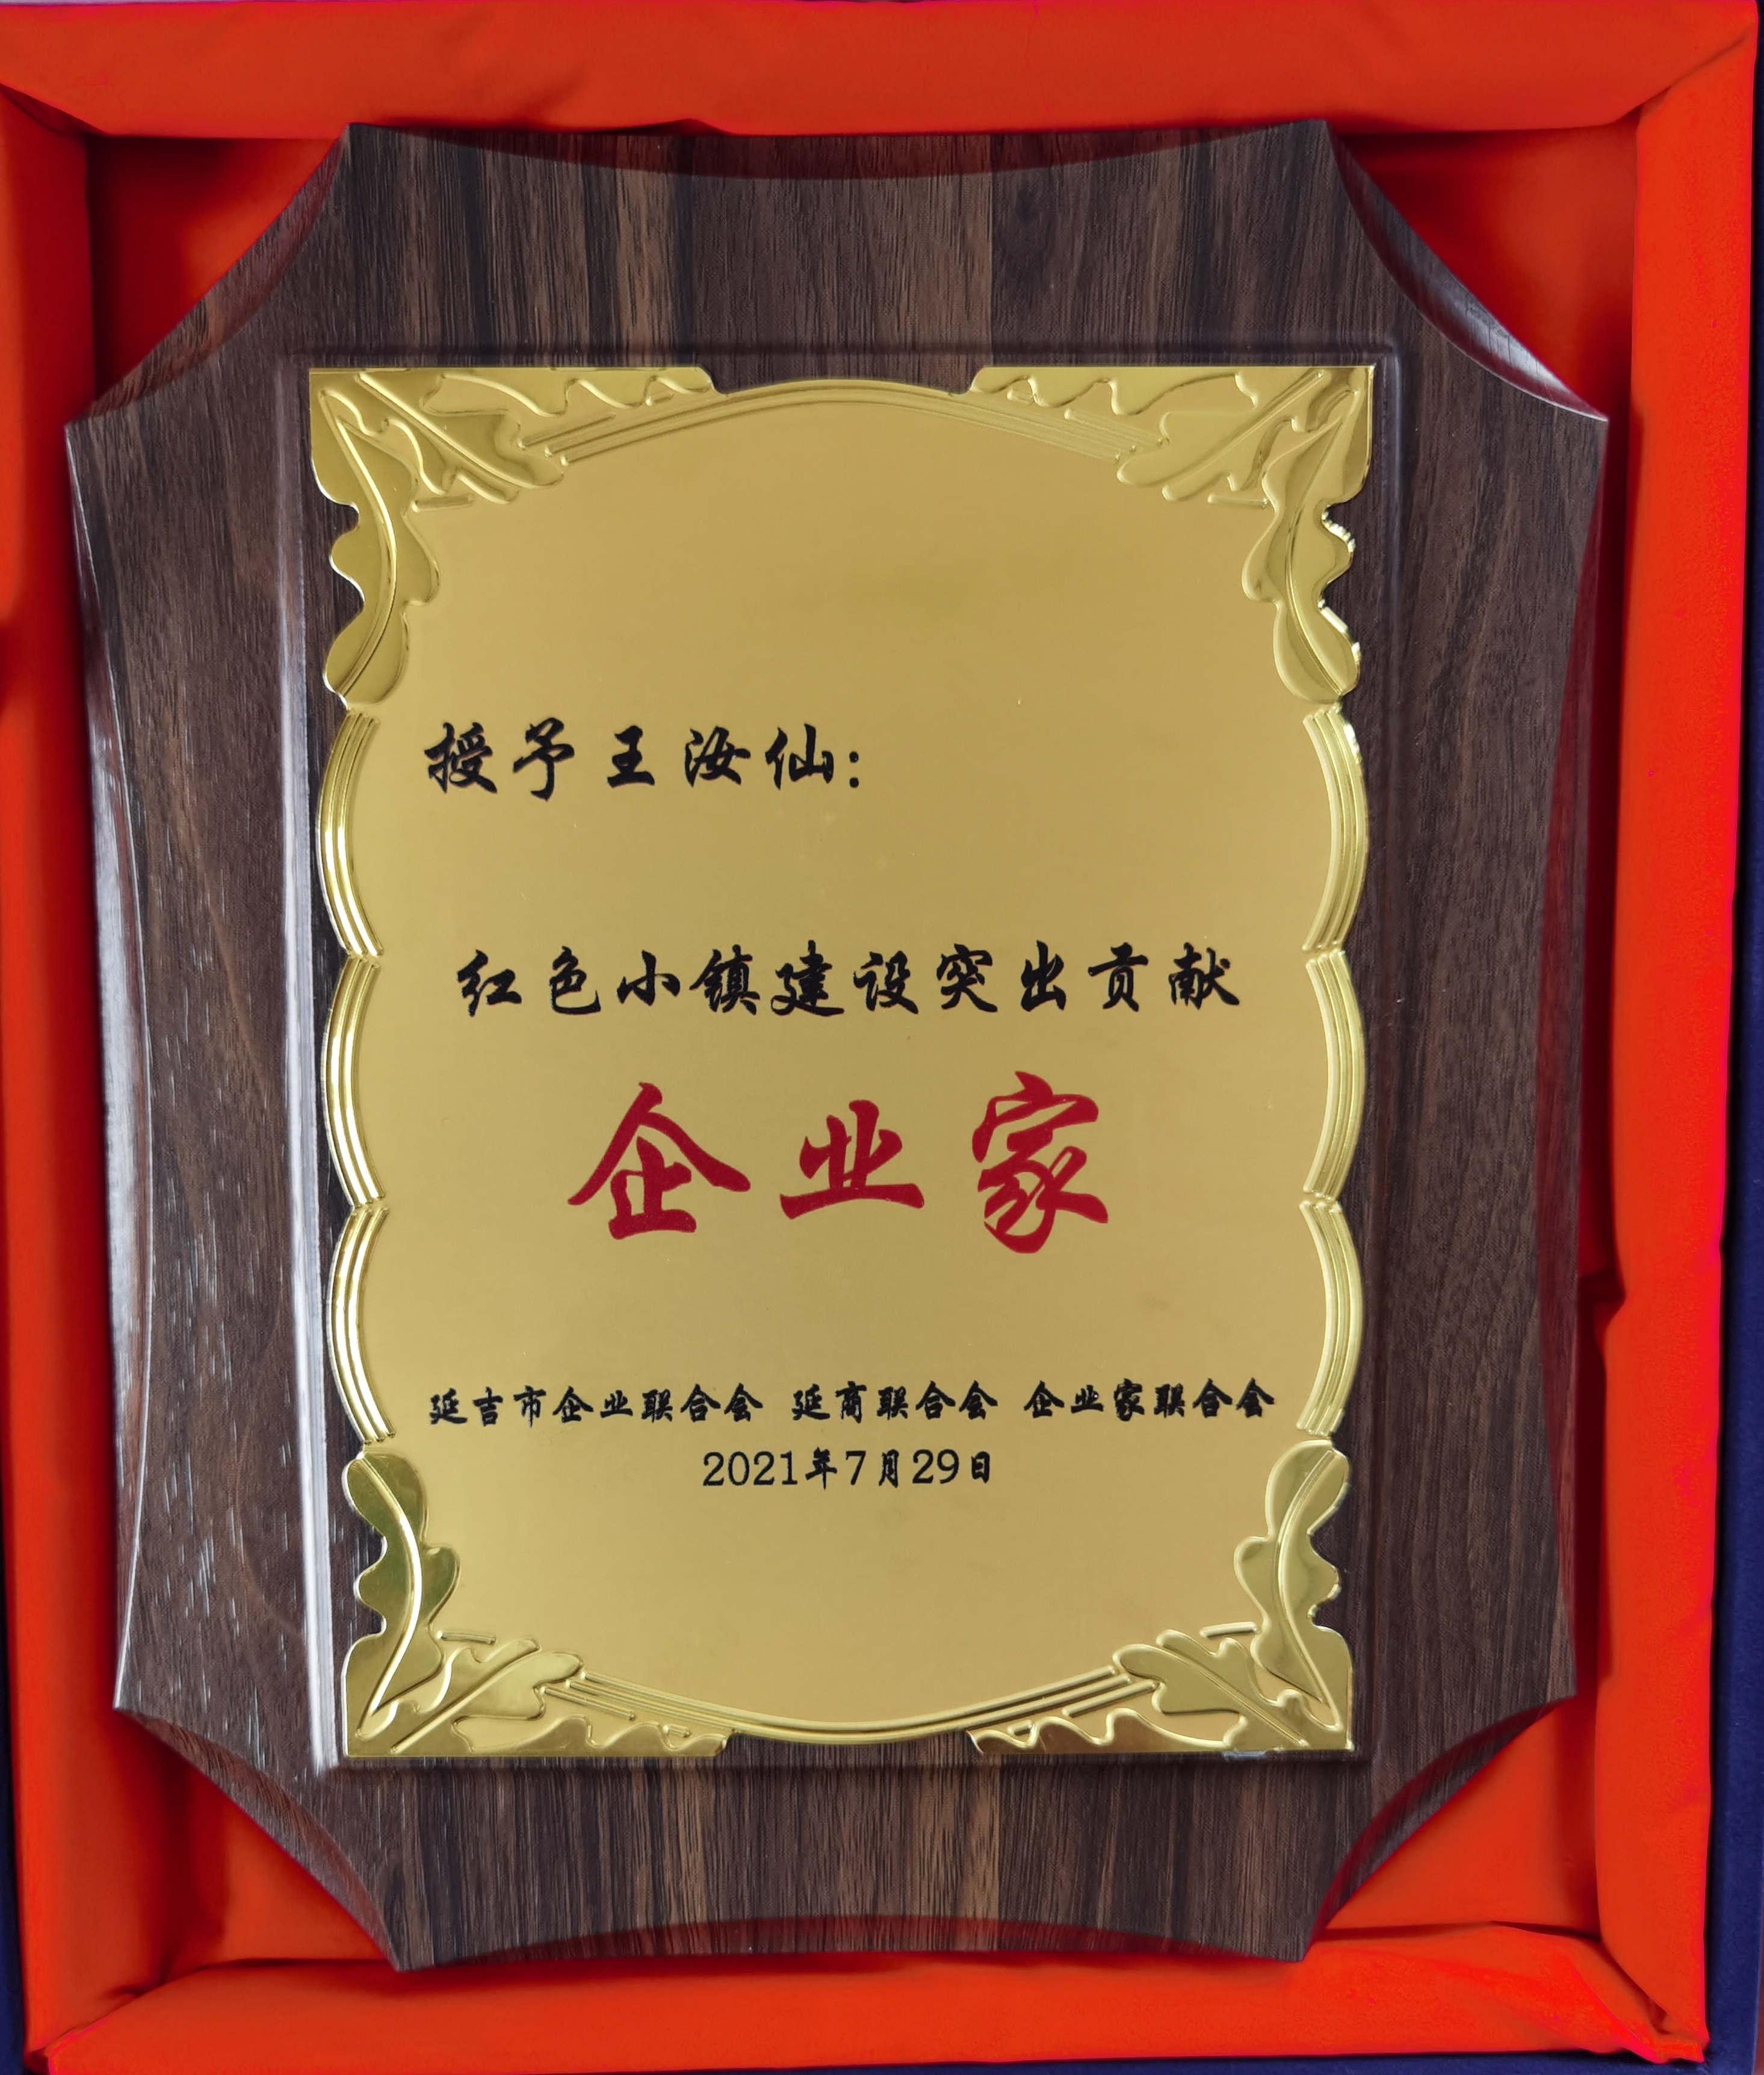 延吉市红色小镇建设突出贡献企业家